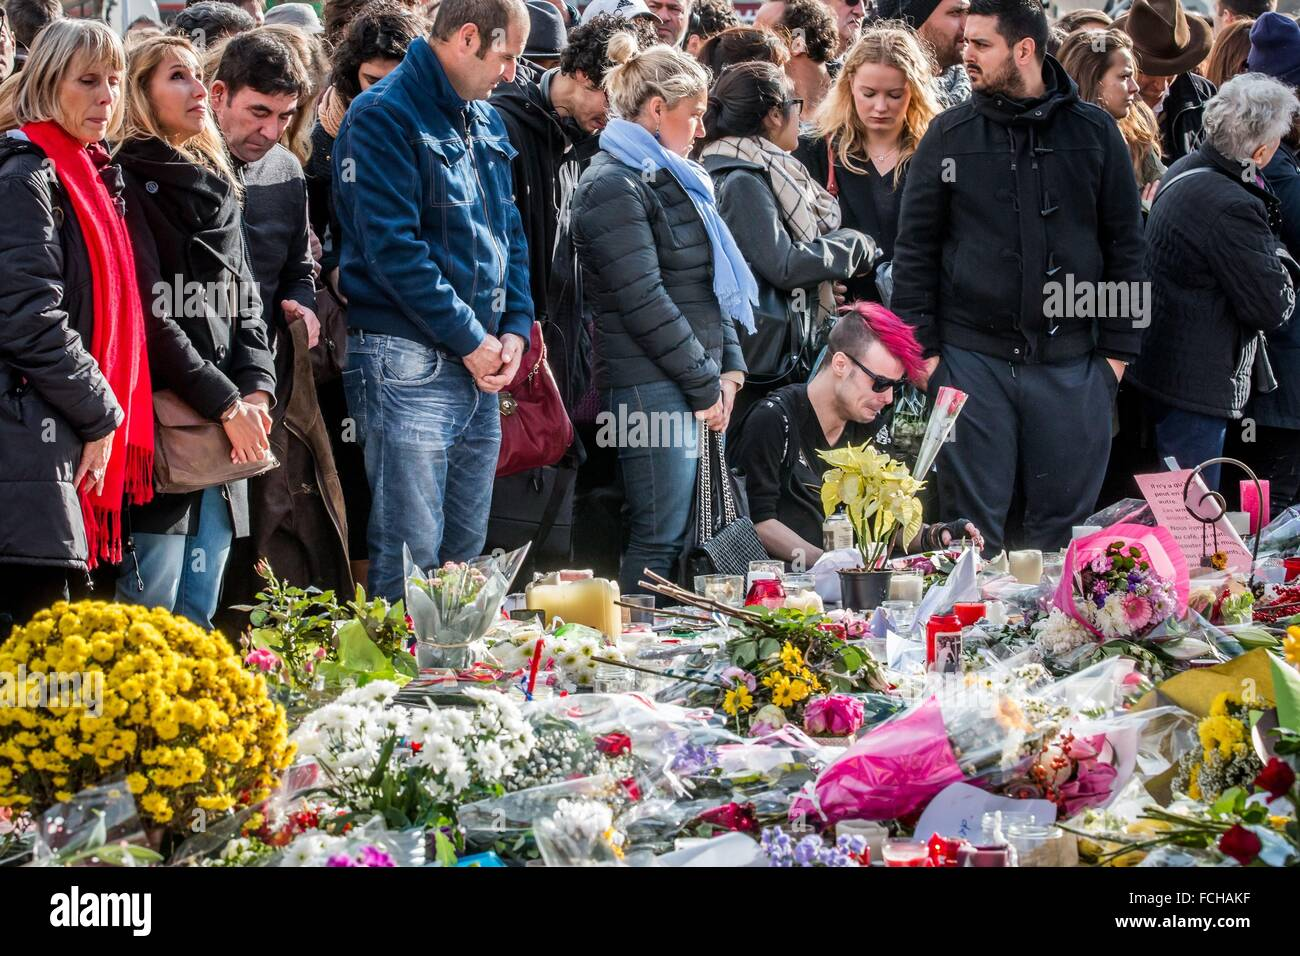 Parigi attentati terroristici commessi da membri di Iside, Stato islamico, undicesimo arrondissement di Parigi (75), Immagini Stock